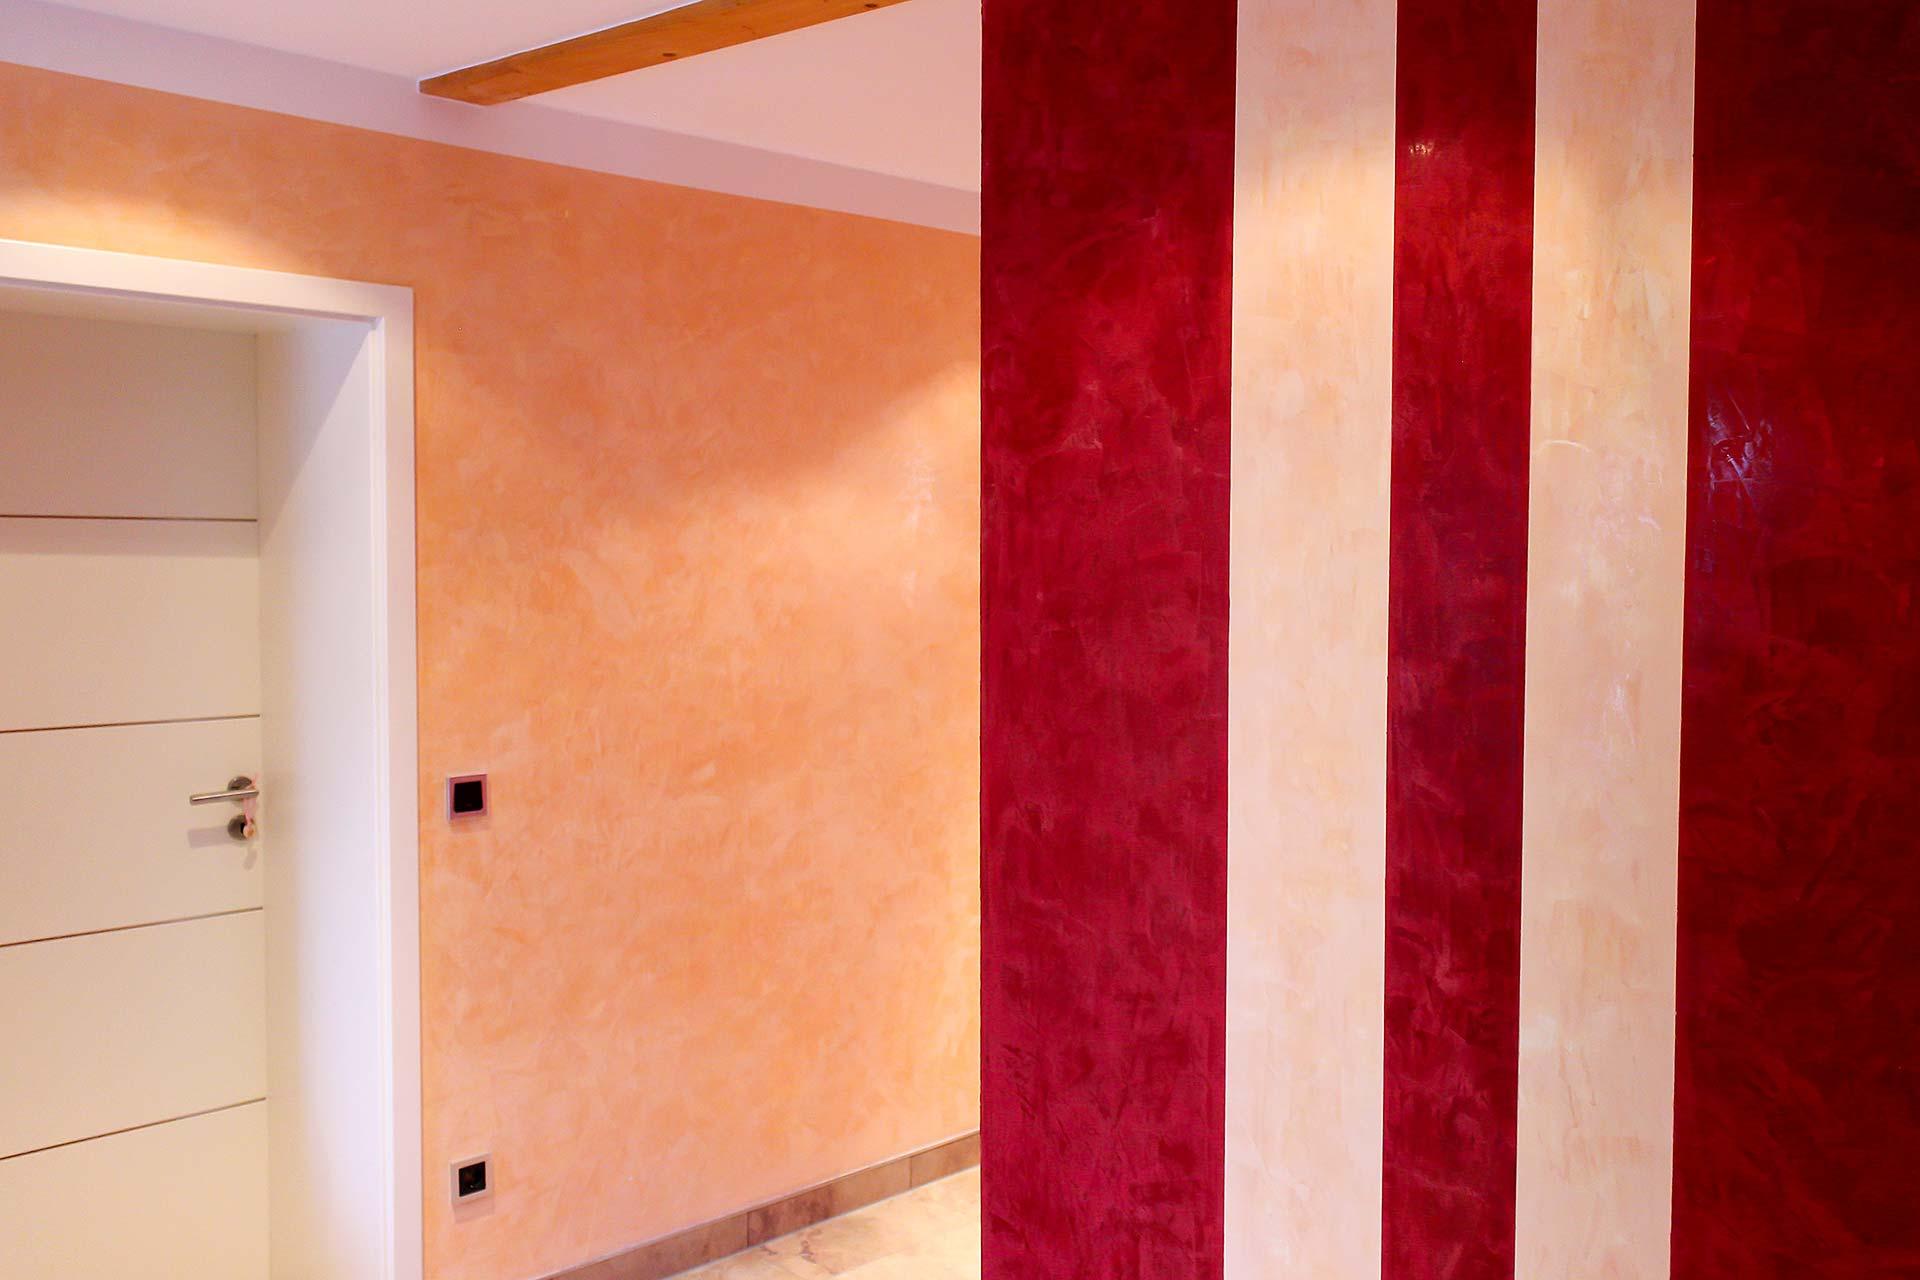 Wände mit verschiedenfarbigem Streichputz